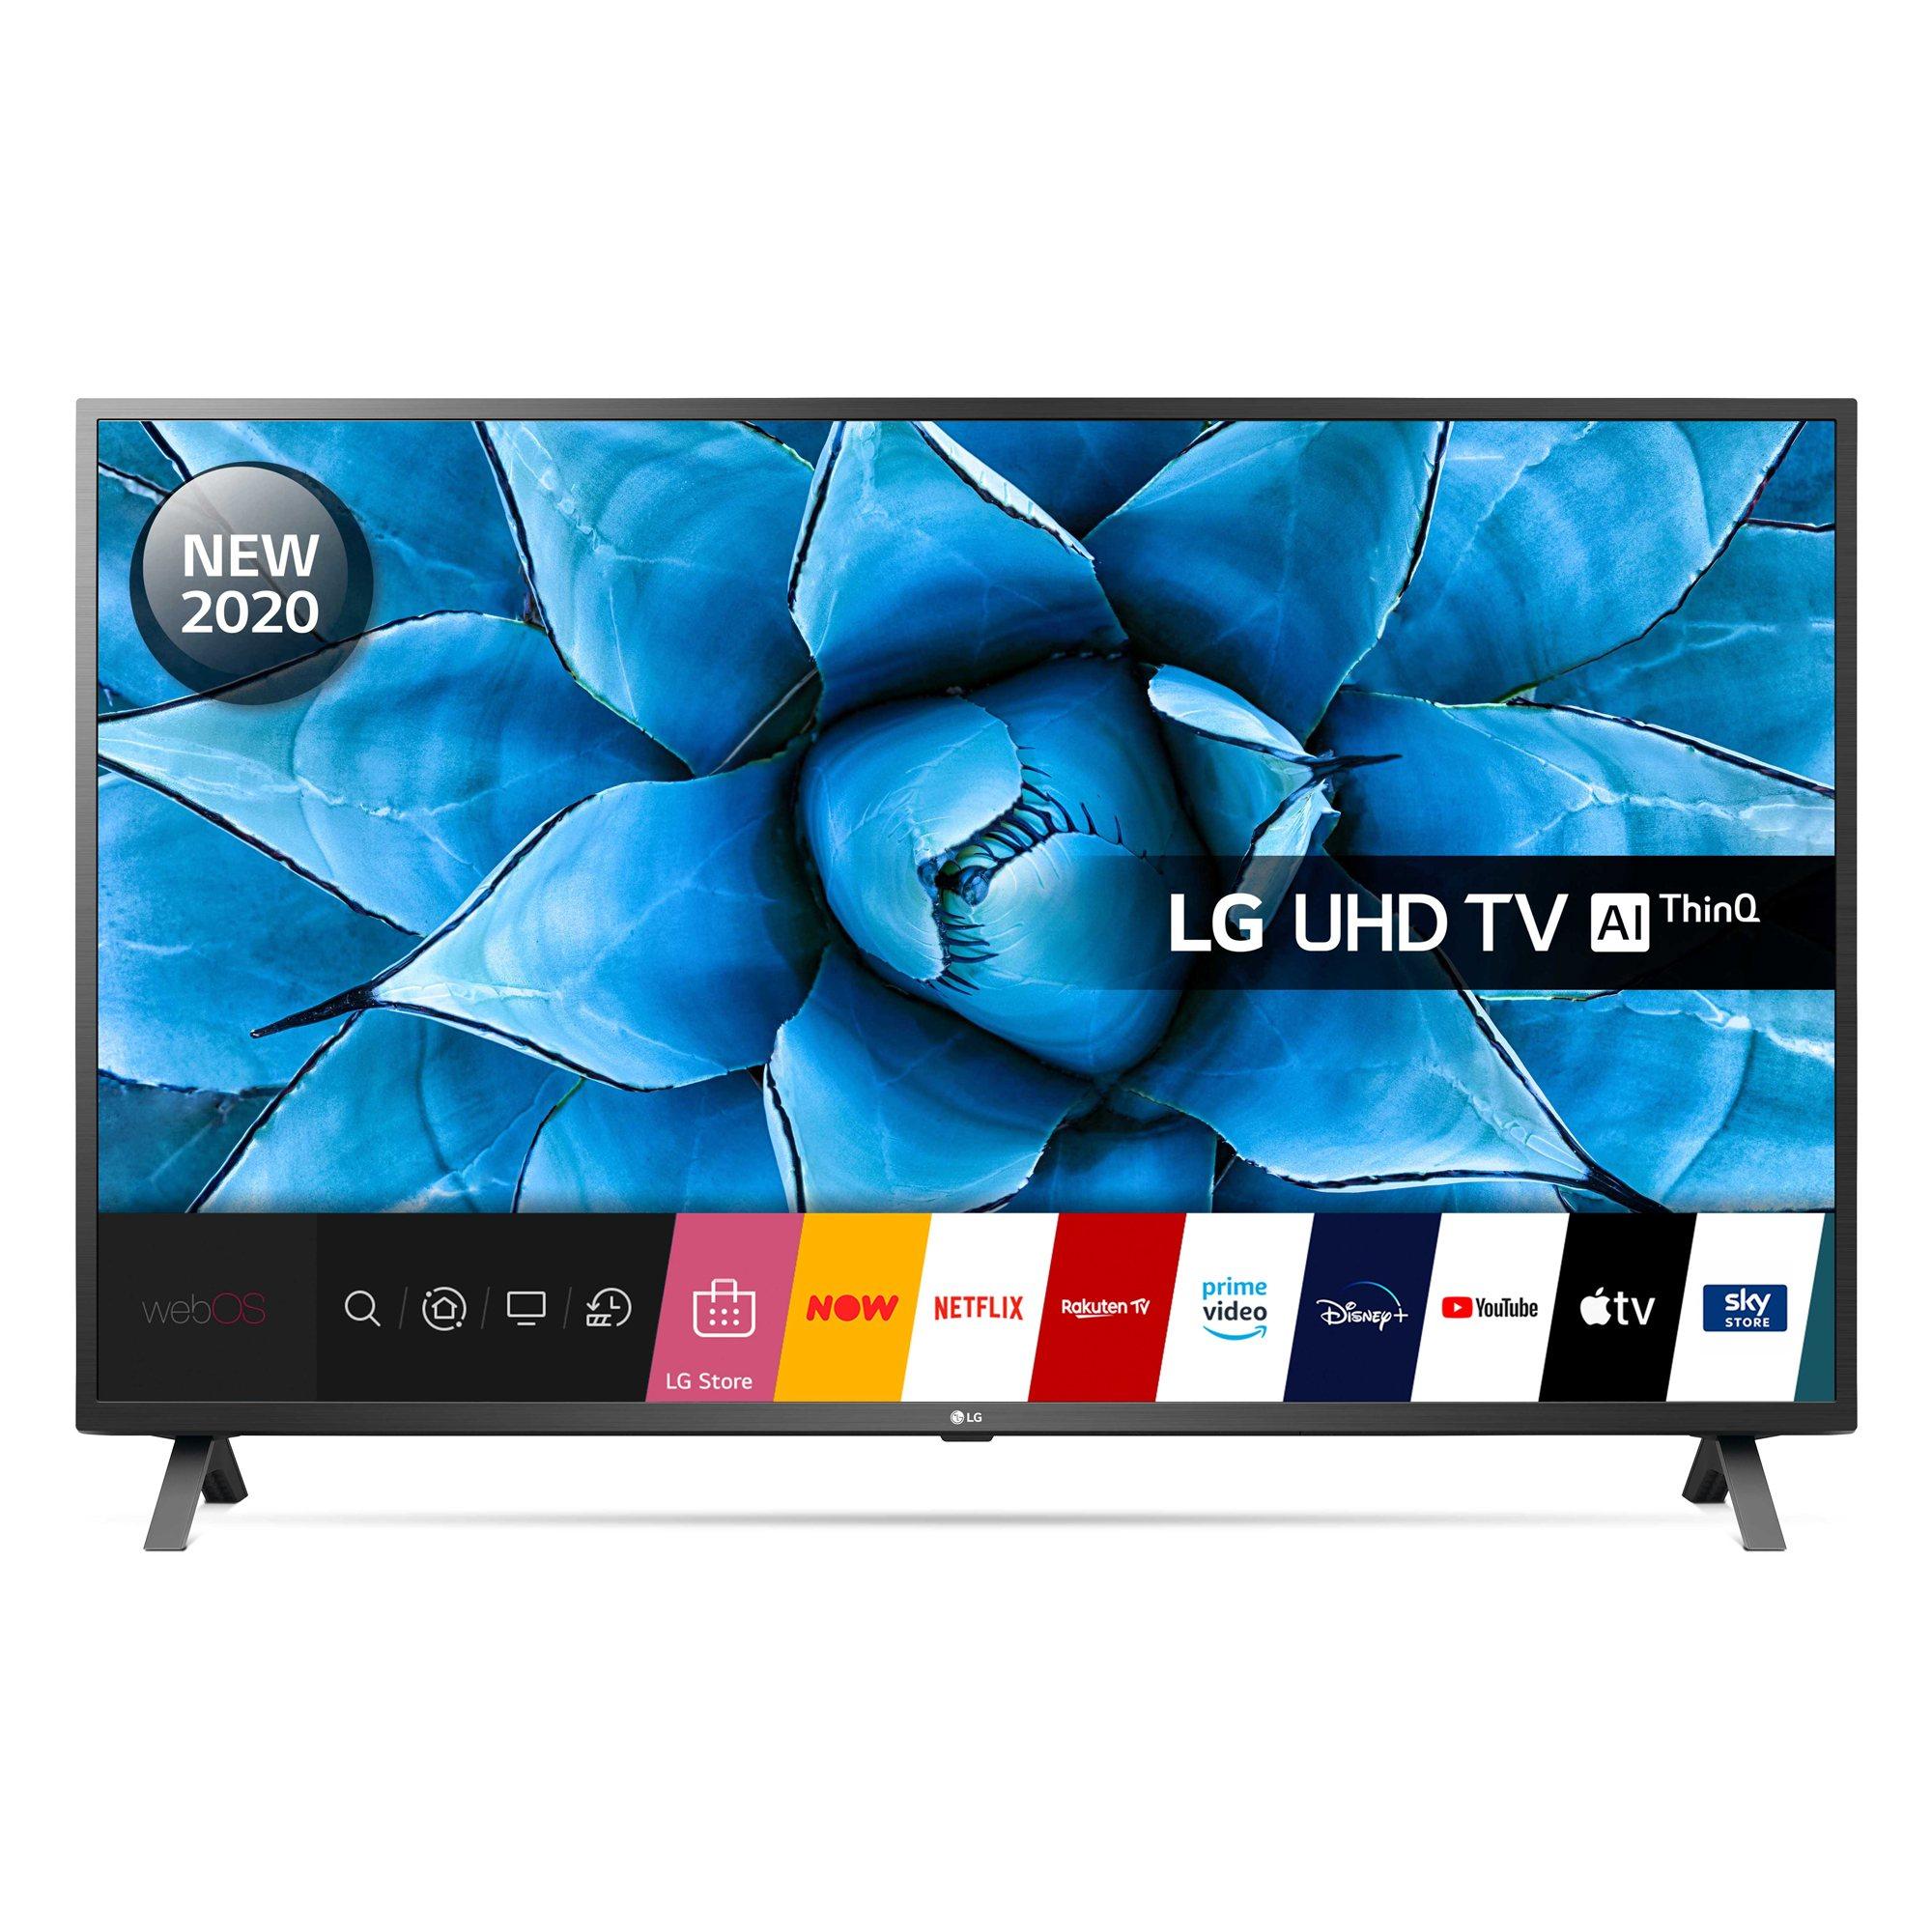 """LG 55UN73006LA 55"""" 4K Ultra HD Smart TV with webOS"""